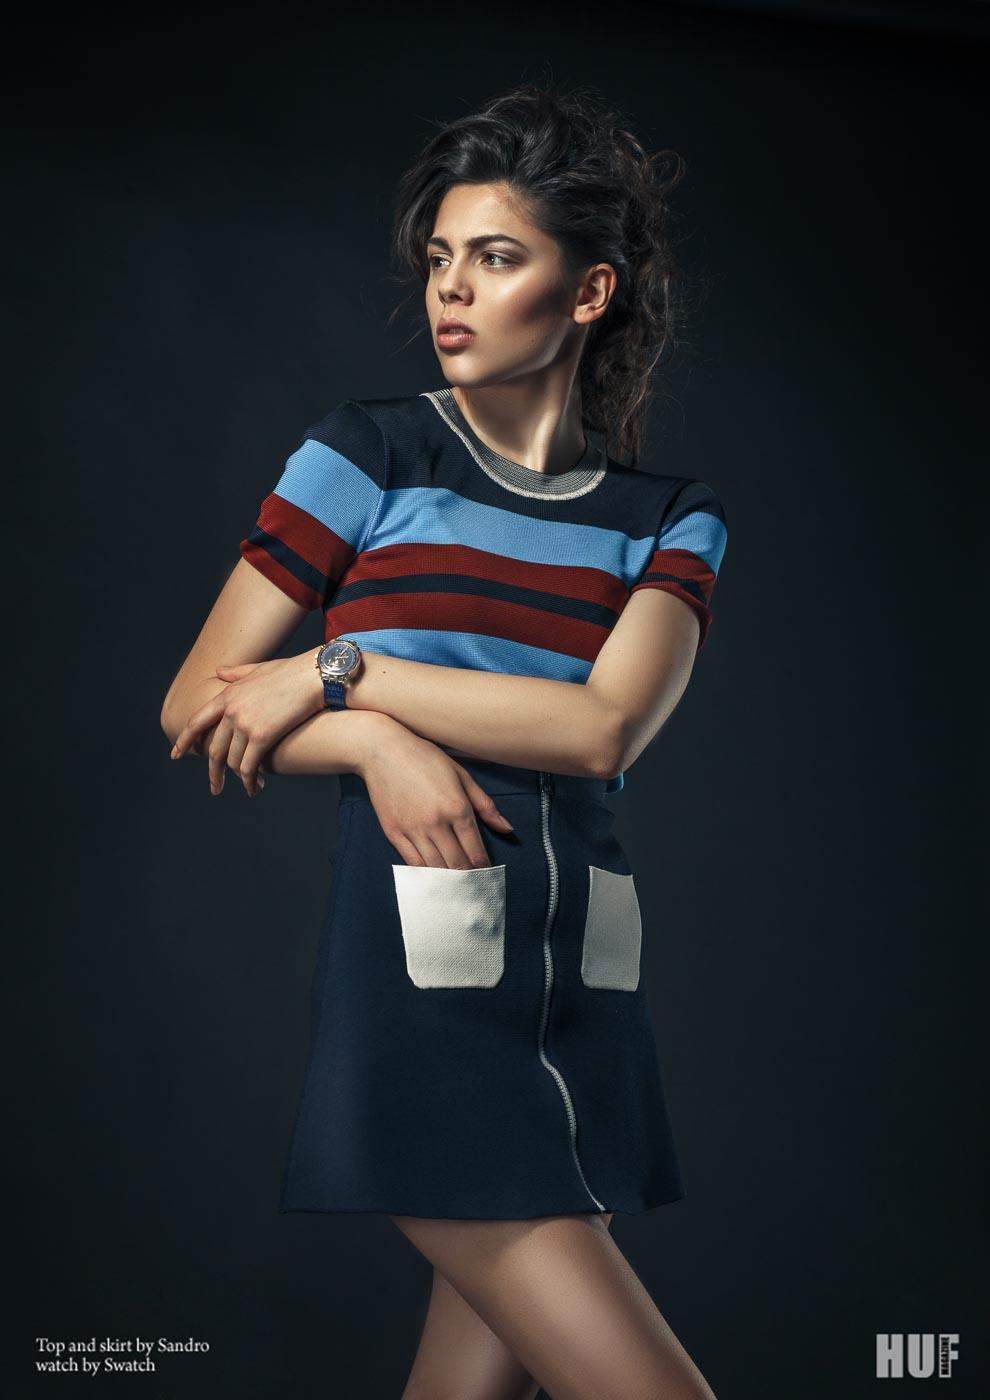 Portrait Fotografie by HENKO - Frauen Portrait - HUF Magazine